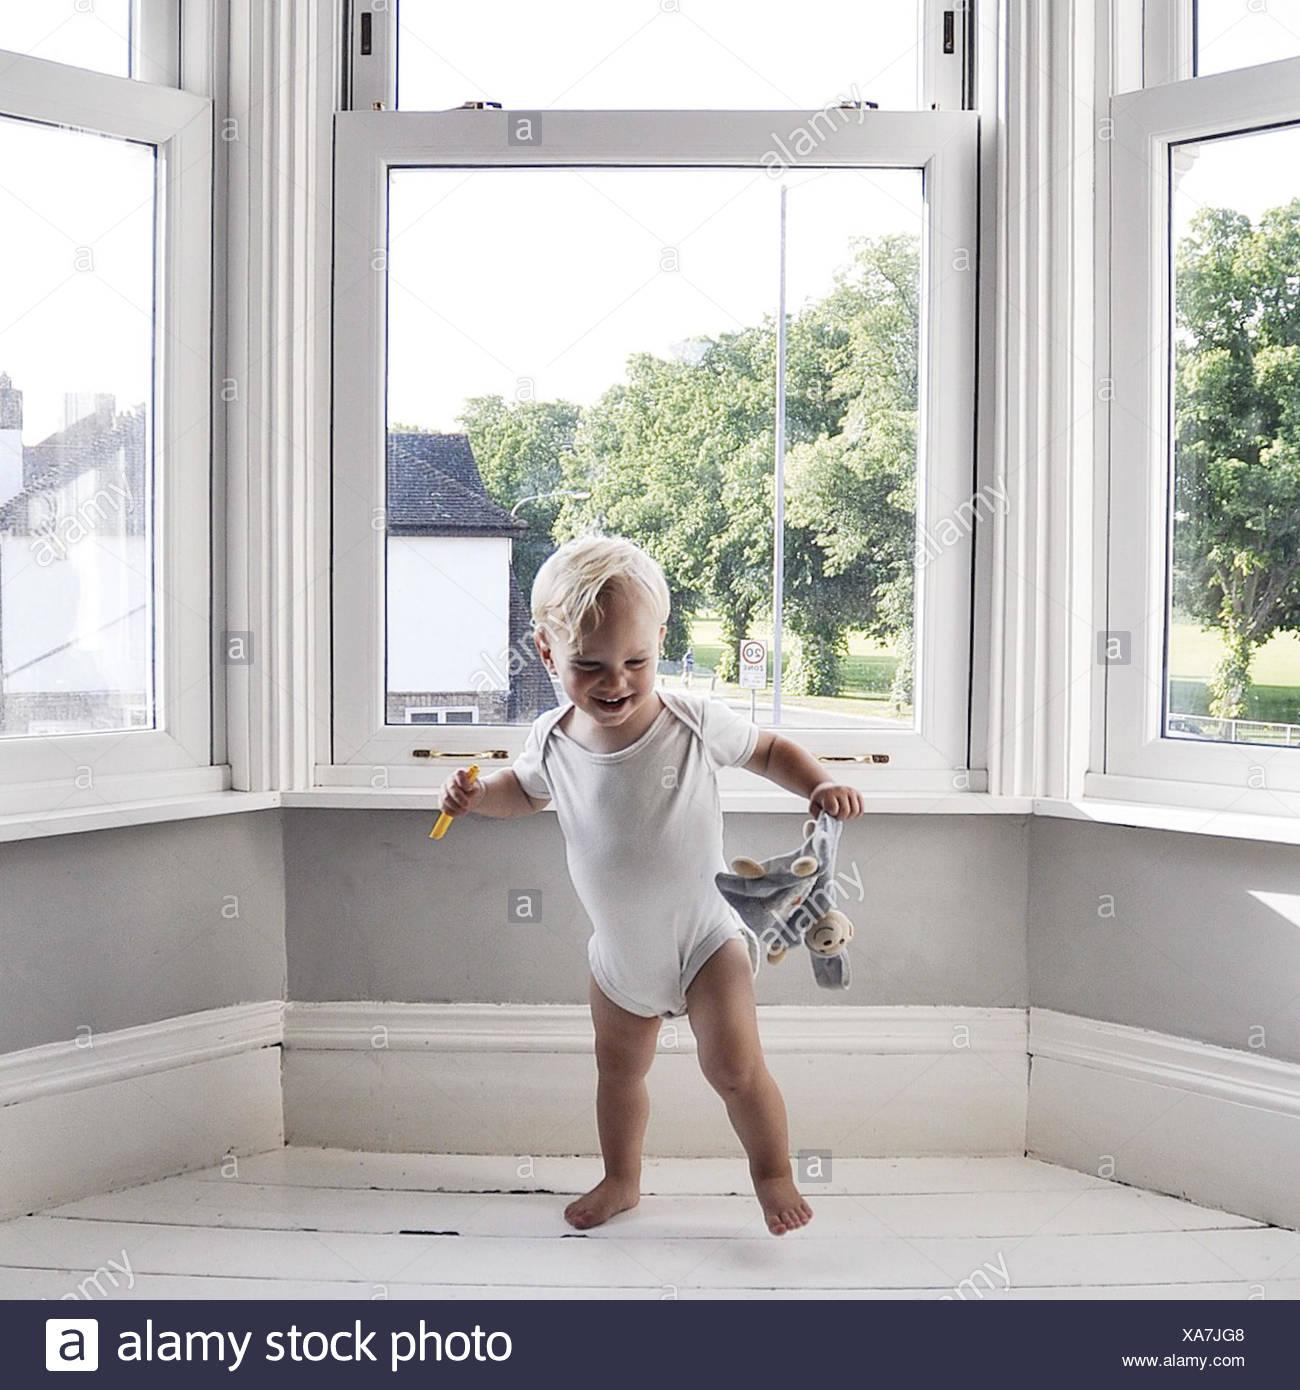 Chico bailando en el salón la celebración de juguete Imagen De Stock